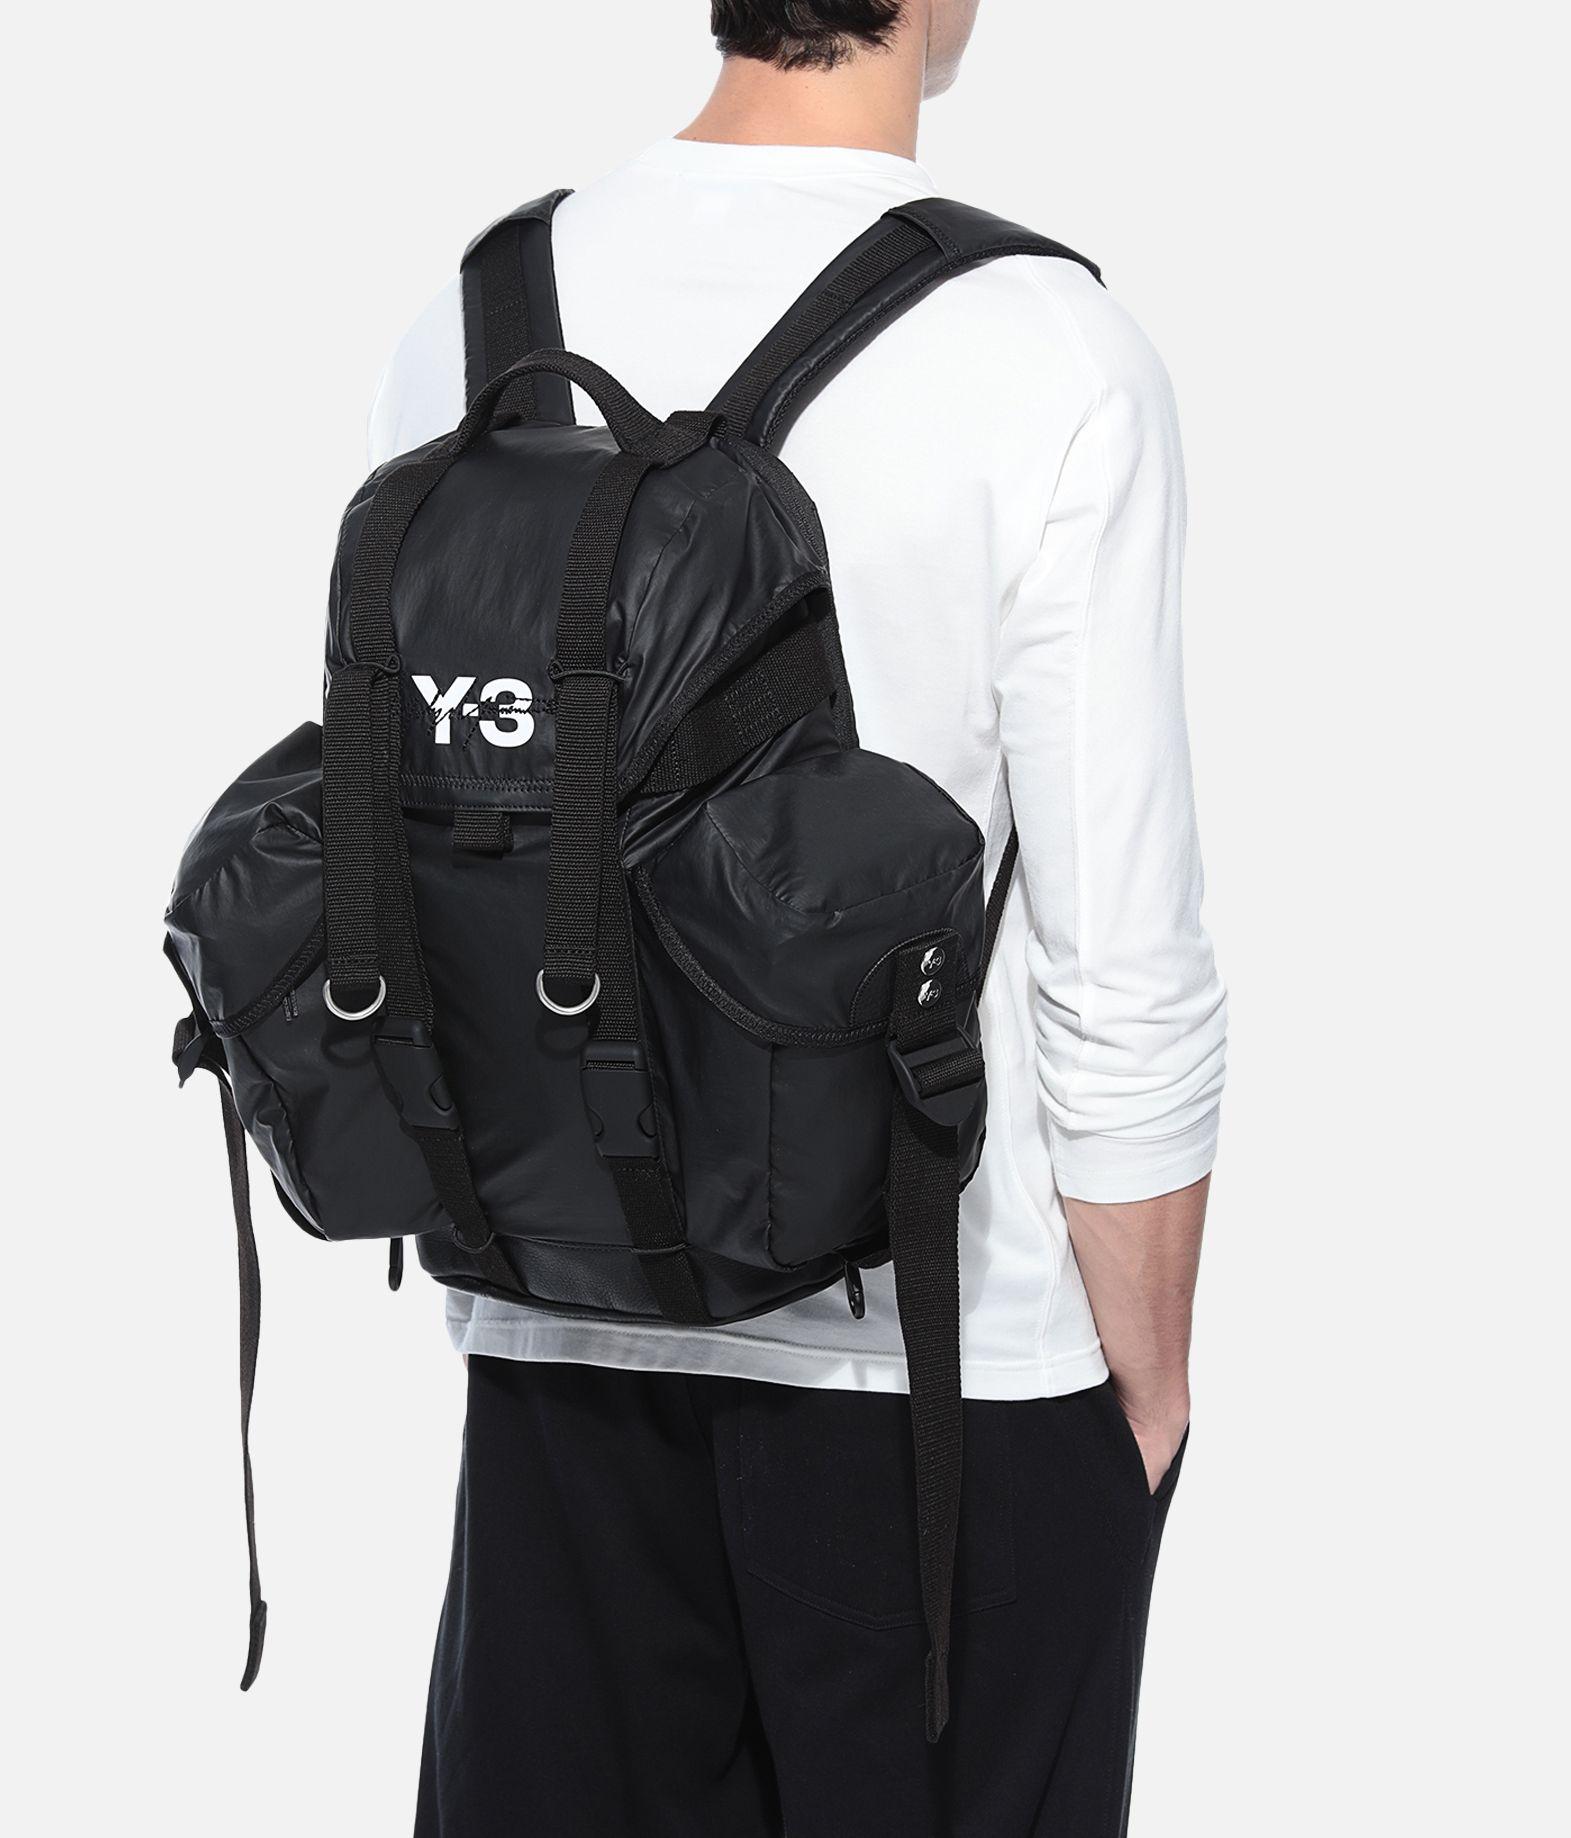 Y-3 Y-3 XS Utility Bag Rucksack E a